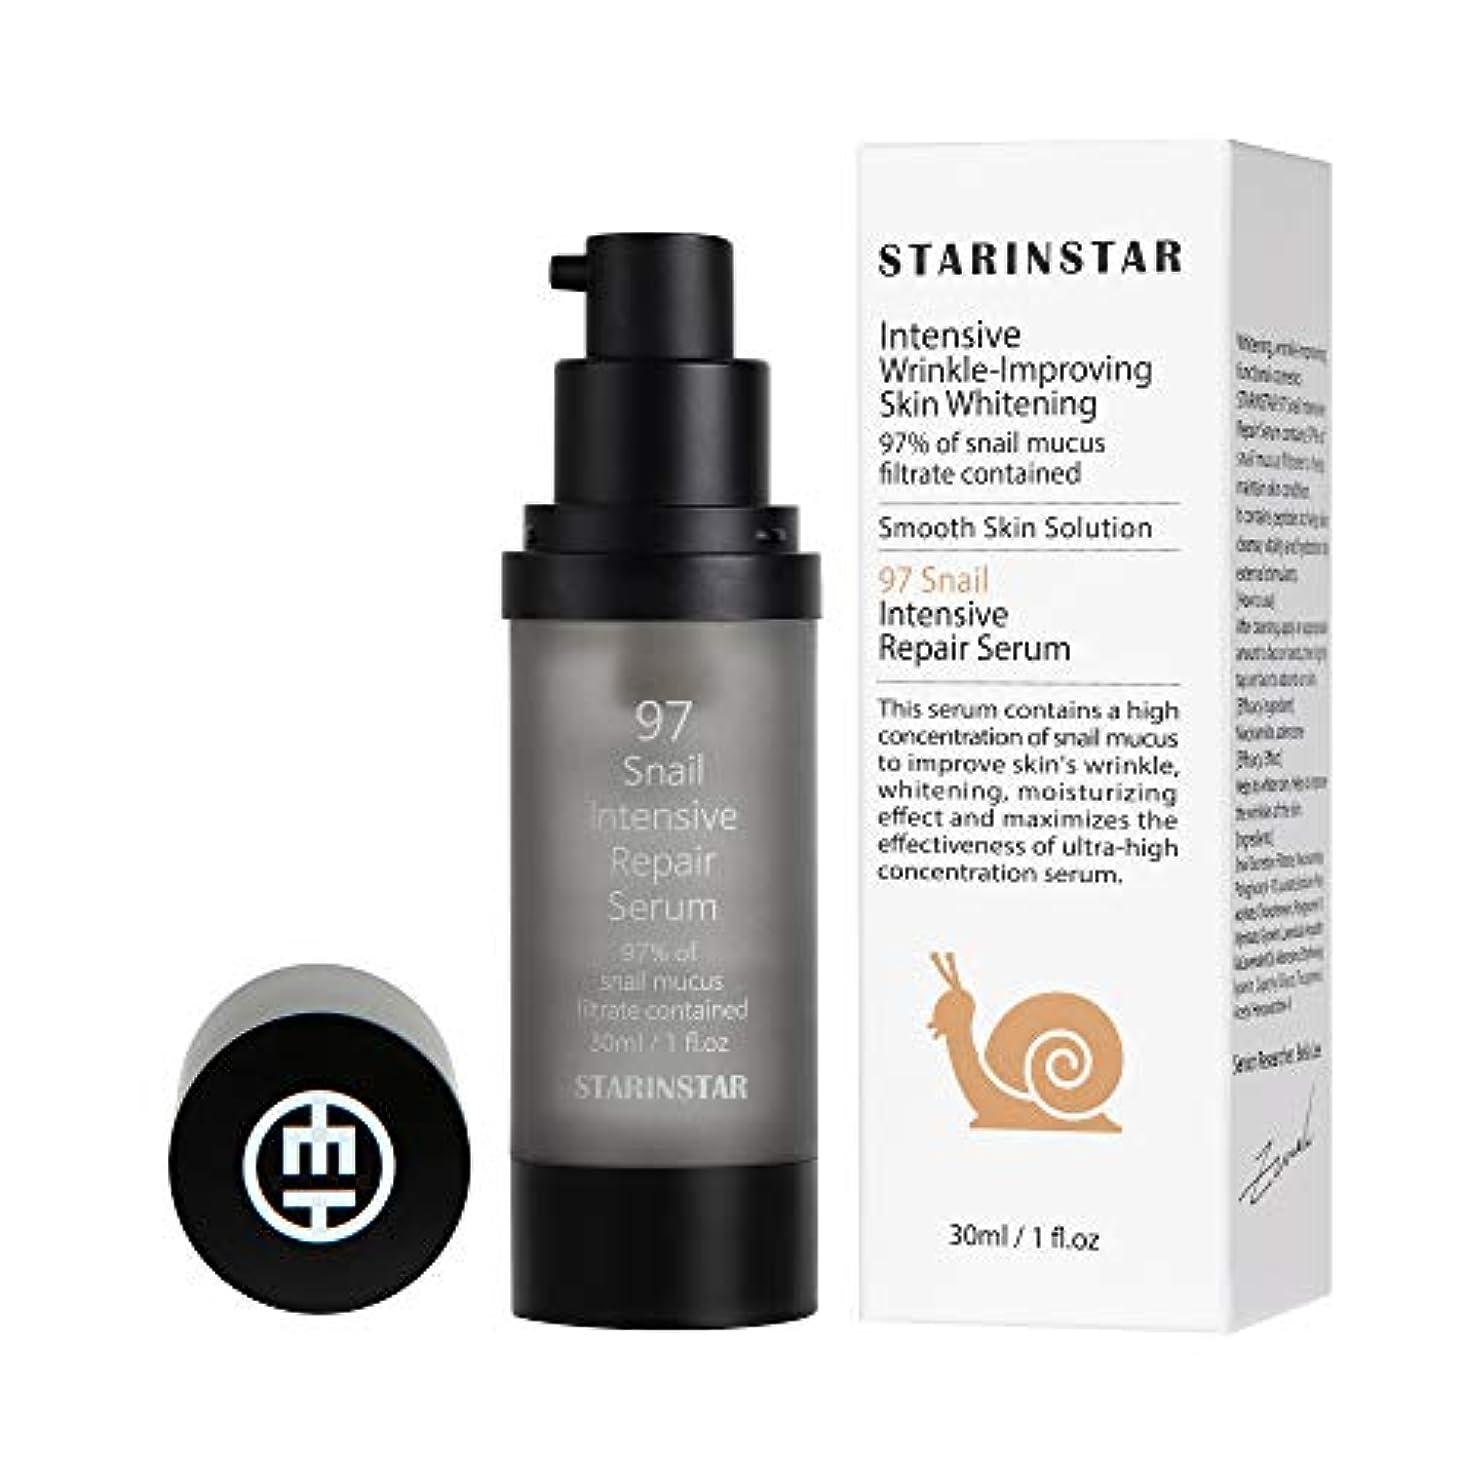 分争うペンフレンド[STARINSTAR] 97 スネイルインテンシブリペアセラム 、ラベンダー油500ppmおよびペプチド100ppm、鼻汁粘液濾液の97%、30ml / 1fl.oz